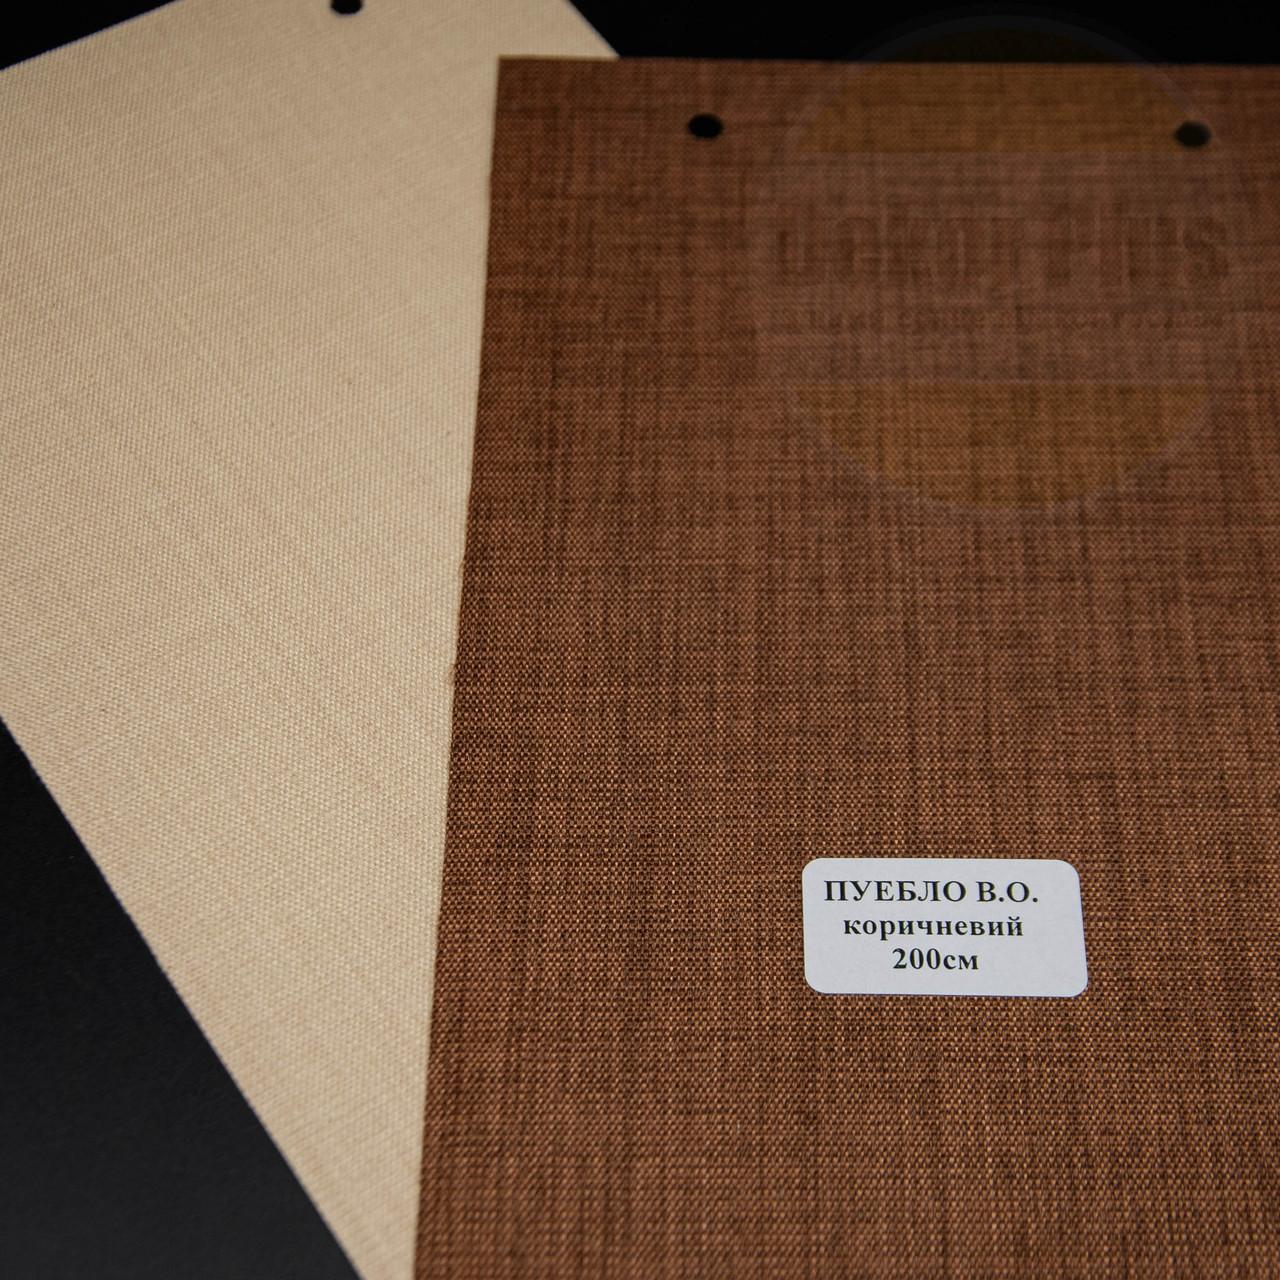 Рулонні штори Пуебло B.O (2 варіанта кольору)